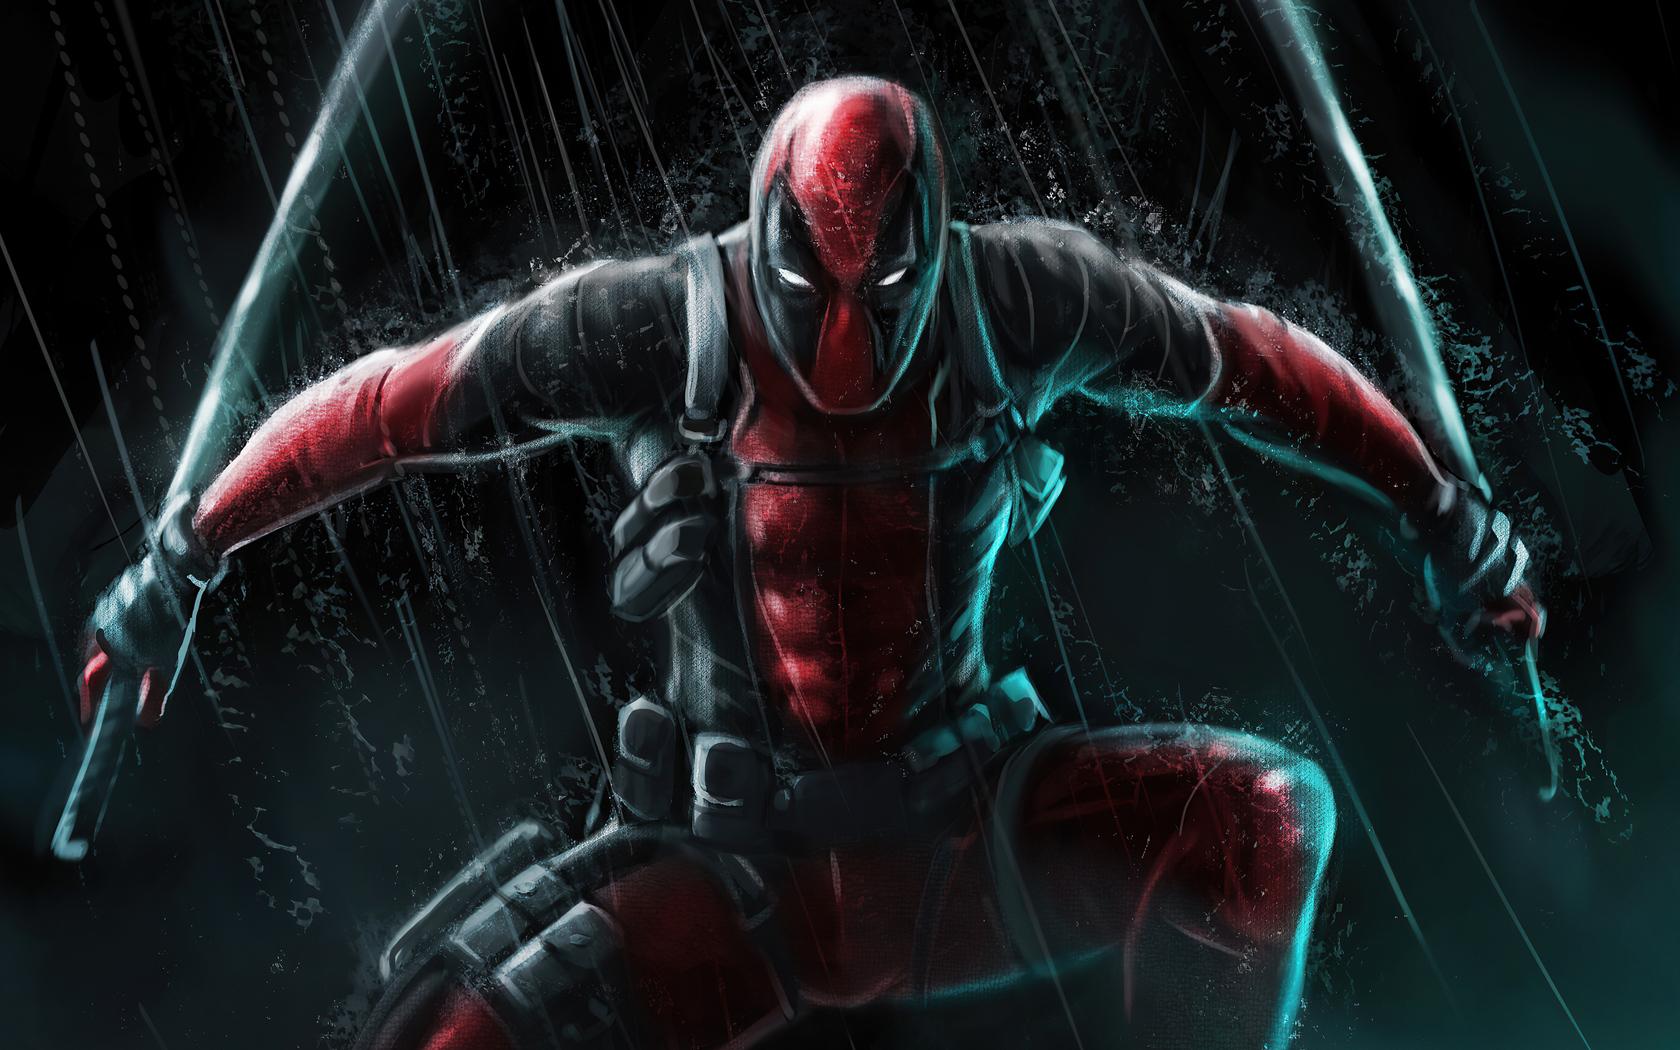 deadpool-sword-hero-4k-9g.jpg